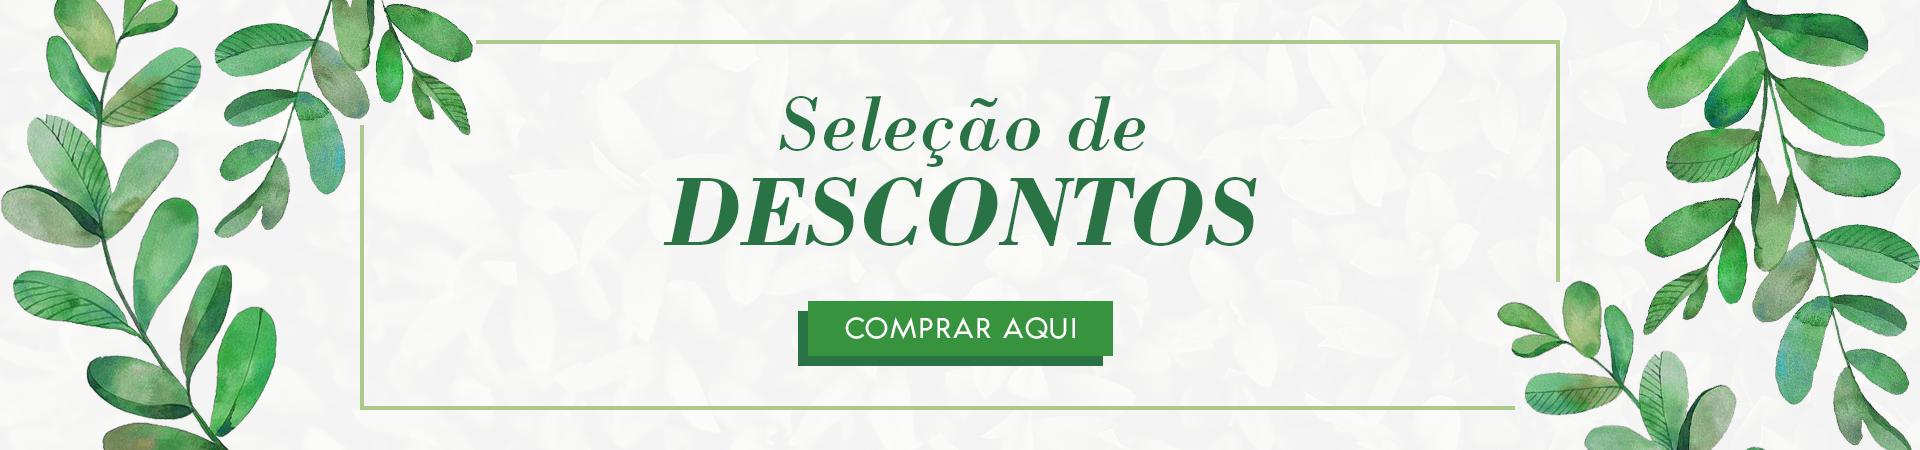 Banner Seleção de Descontos - semana 4 - 08-2019